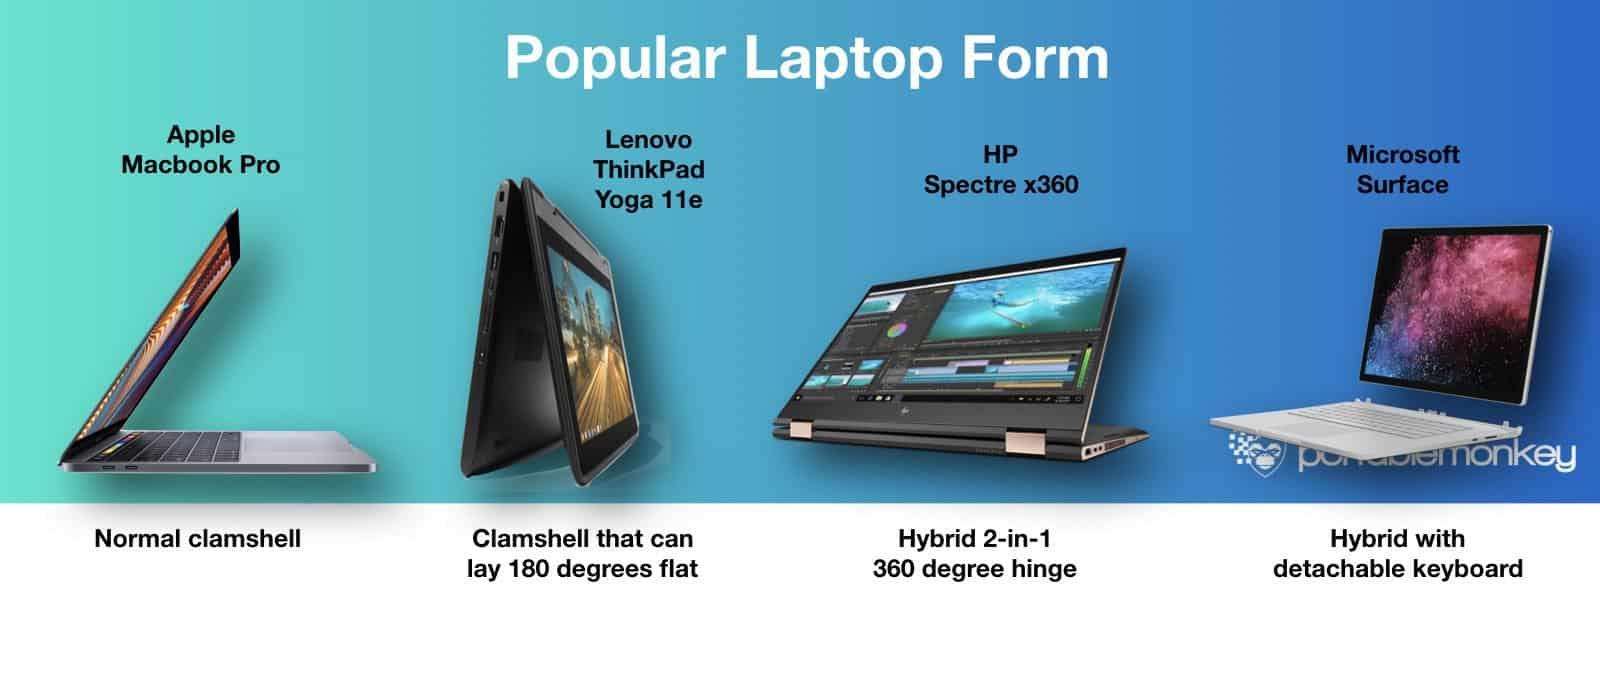 popular laptop form